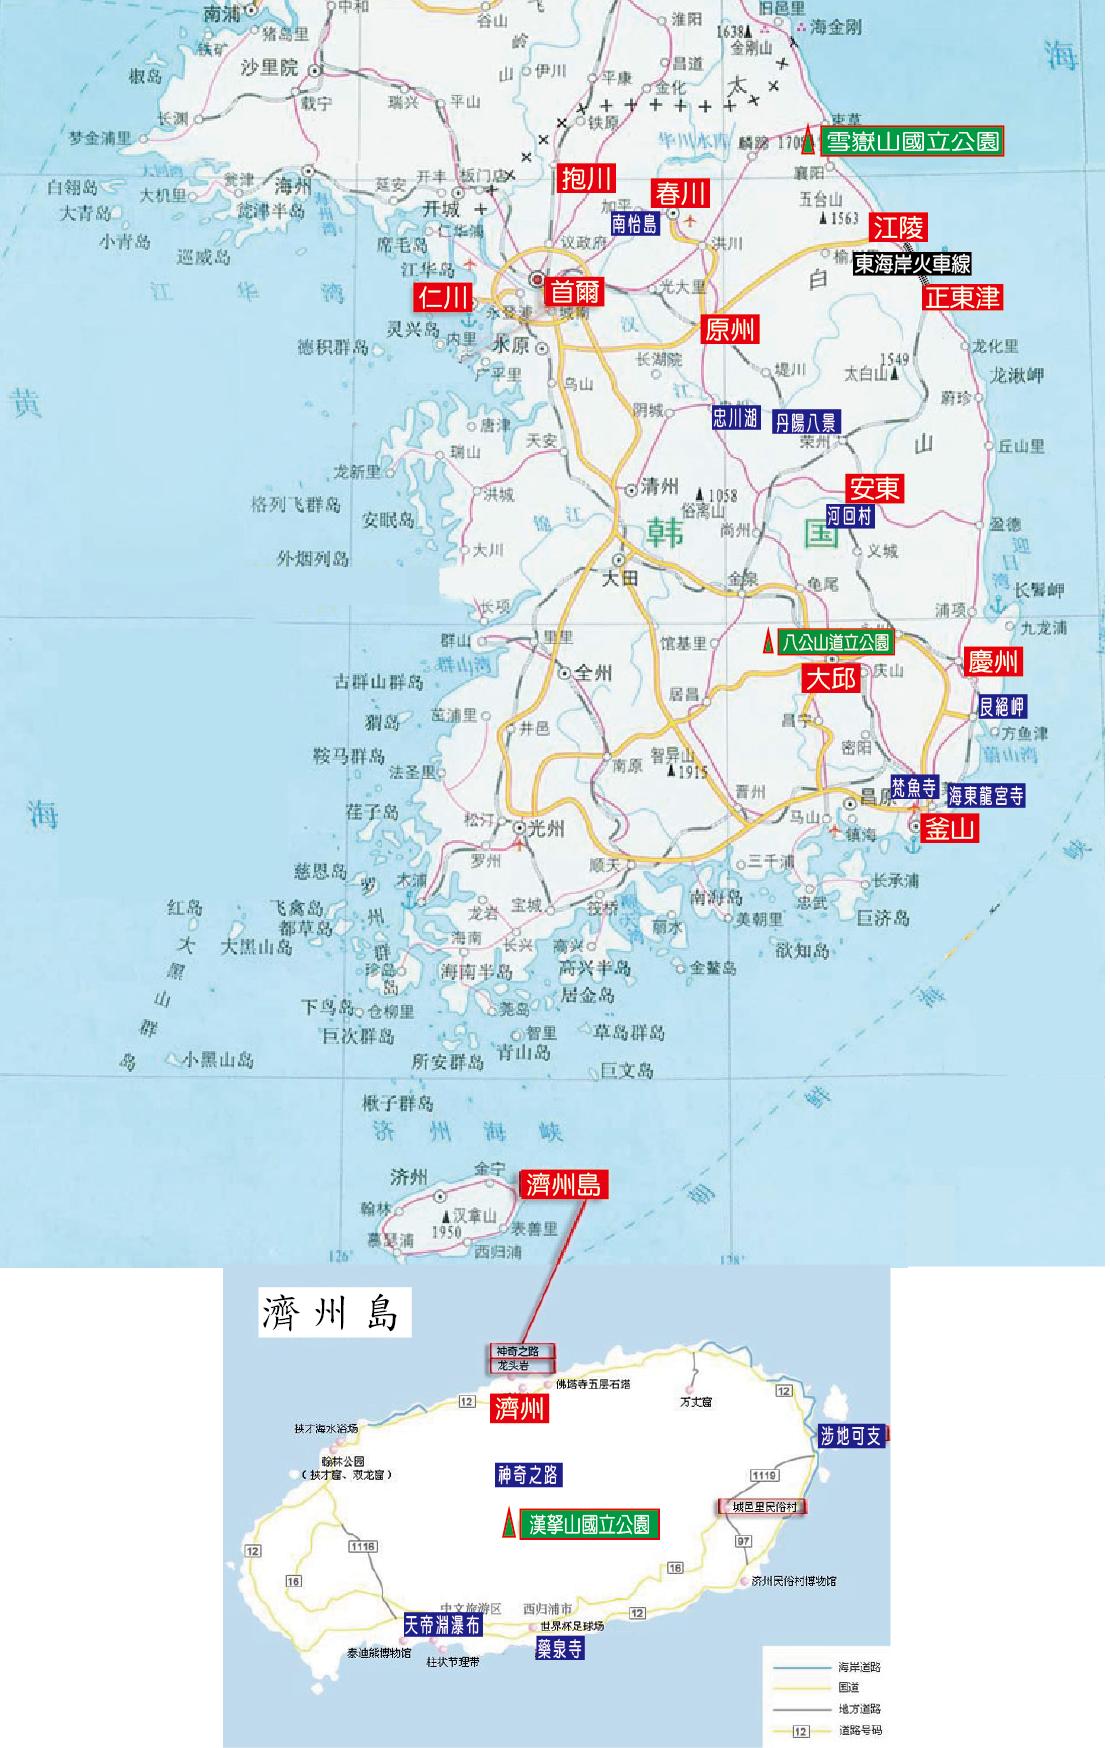 南韓電子地圖